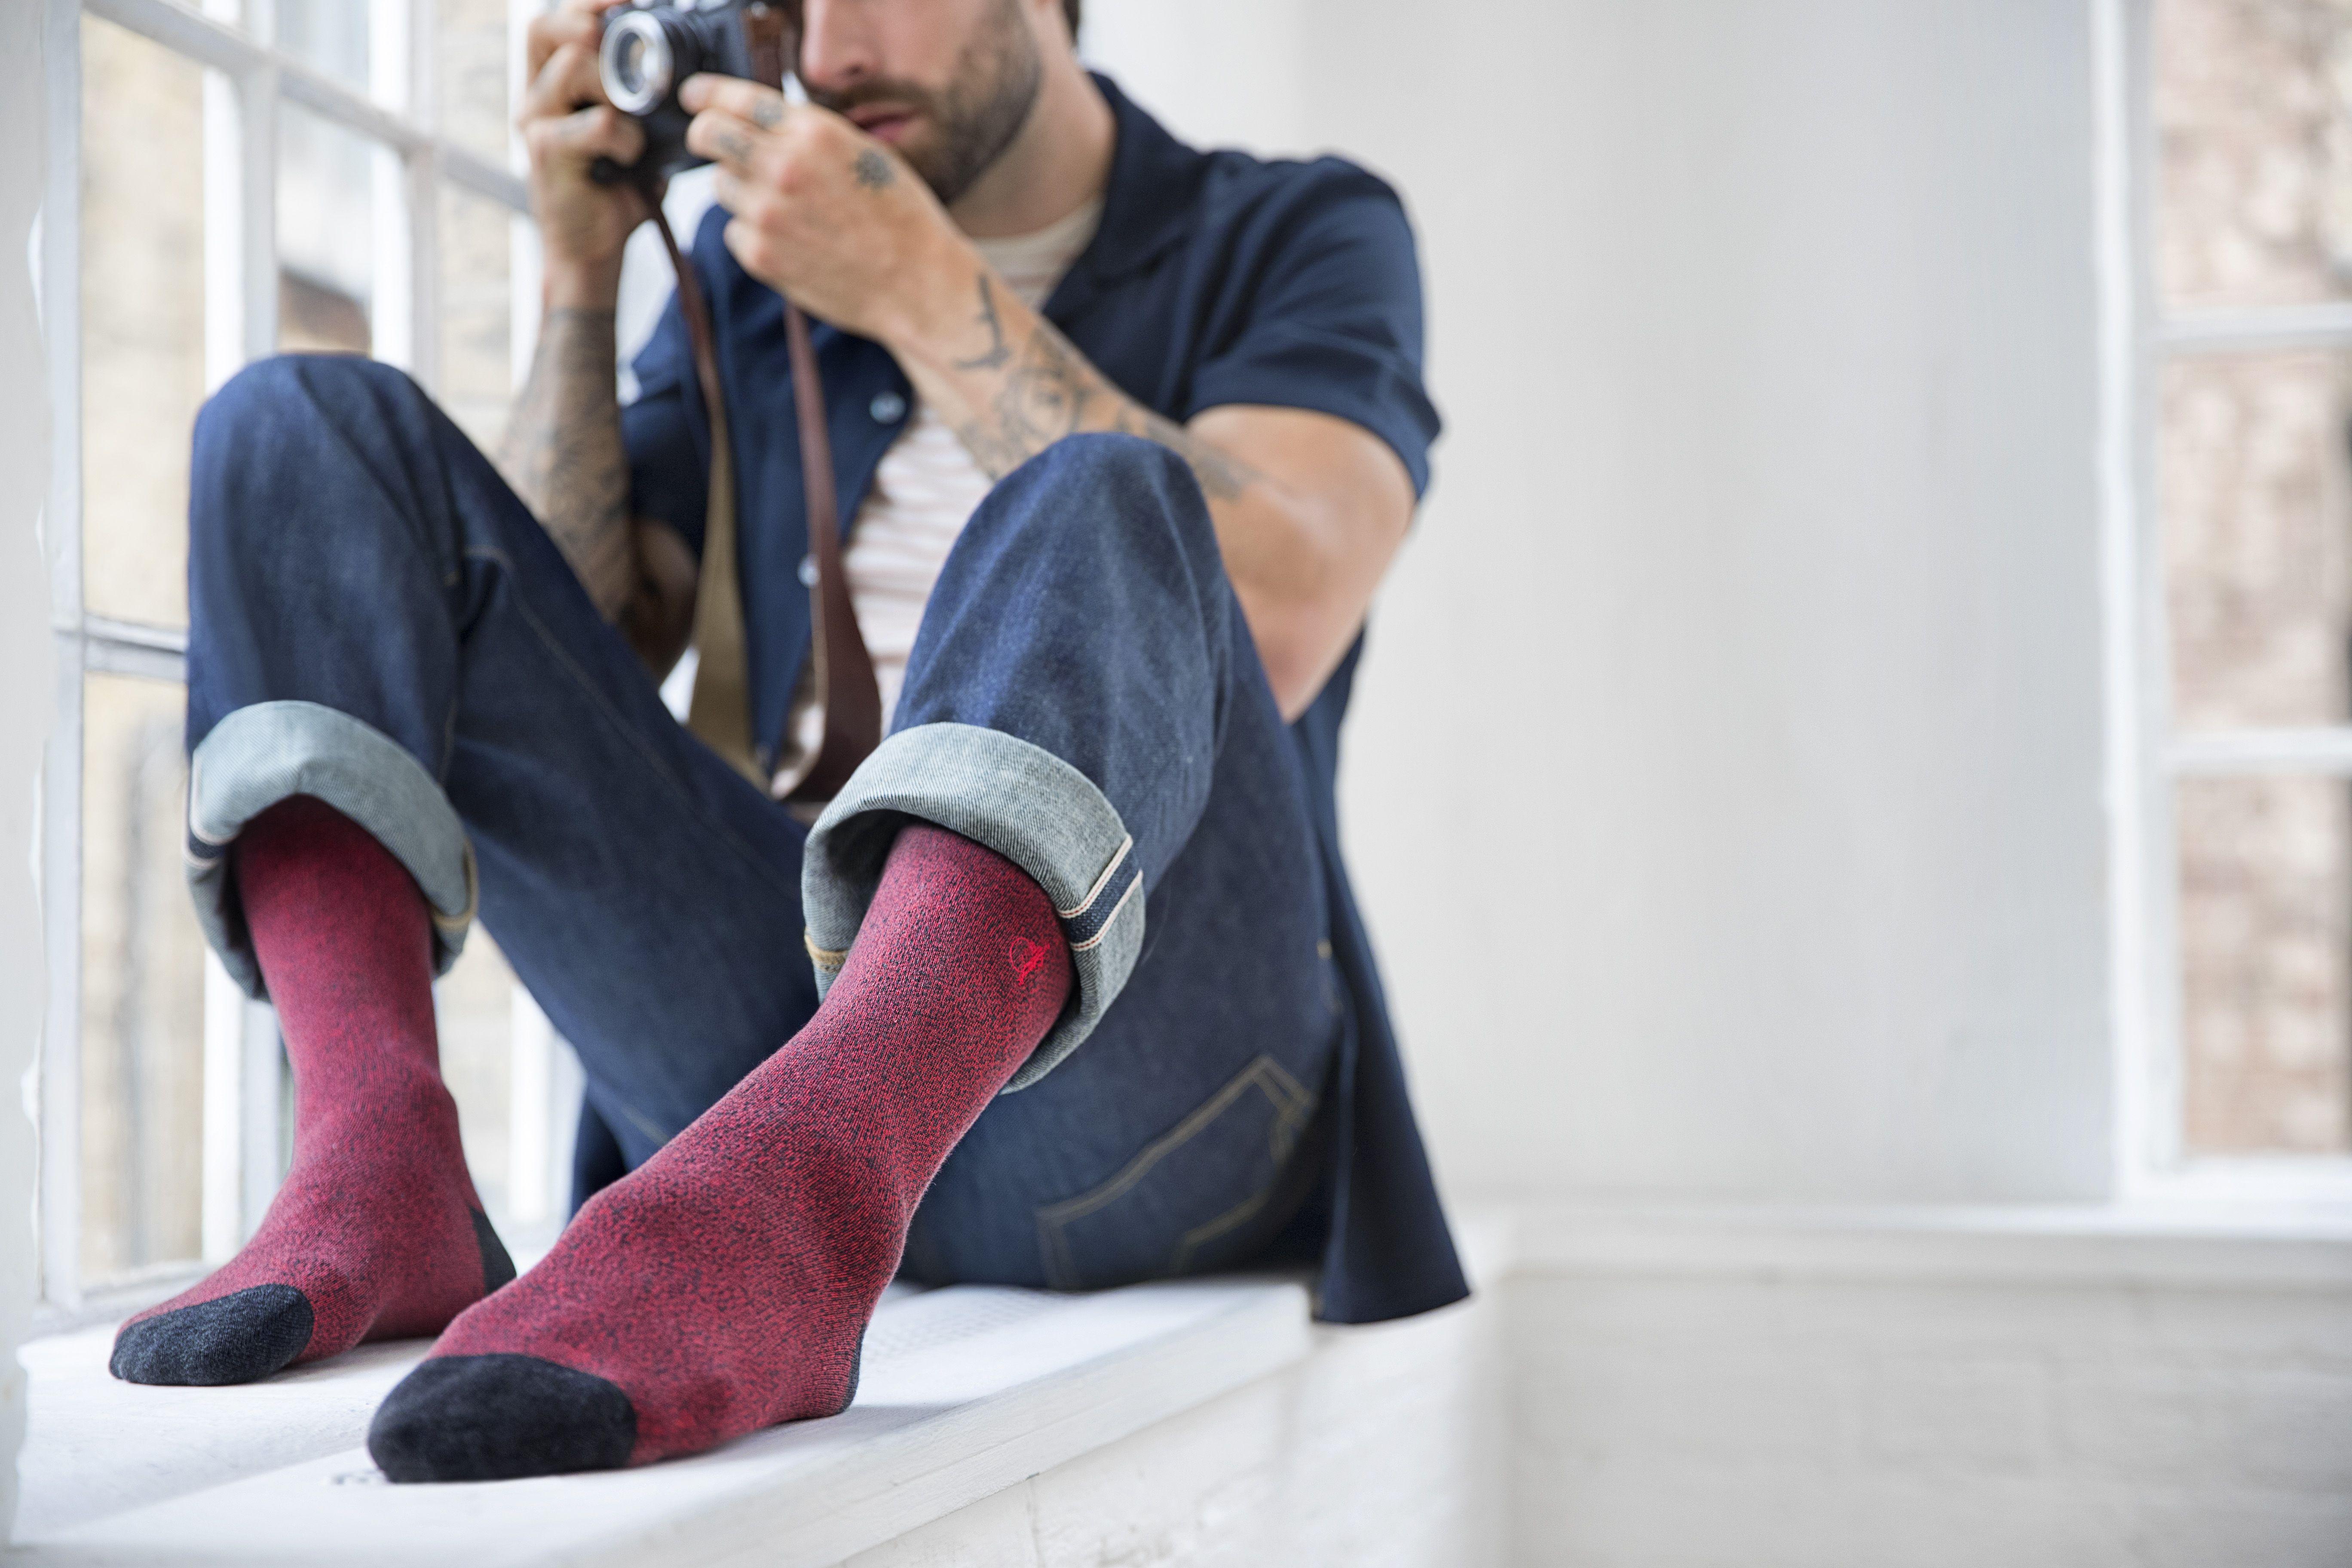 сегодня картинки про мужские носки надетые участвовала художественной самодеятельности